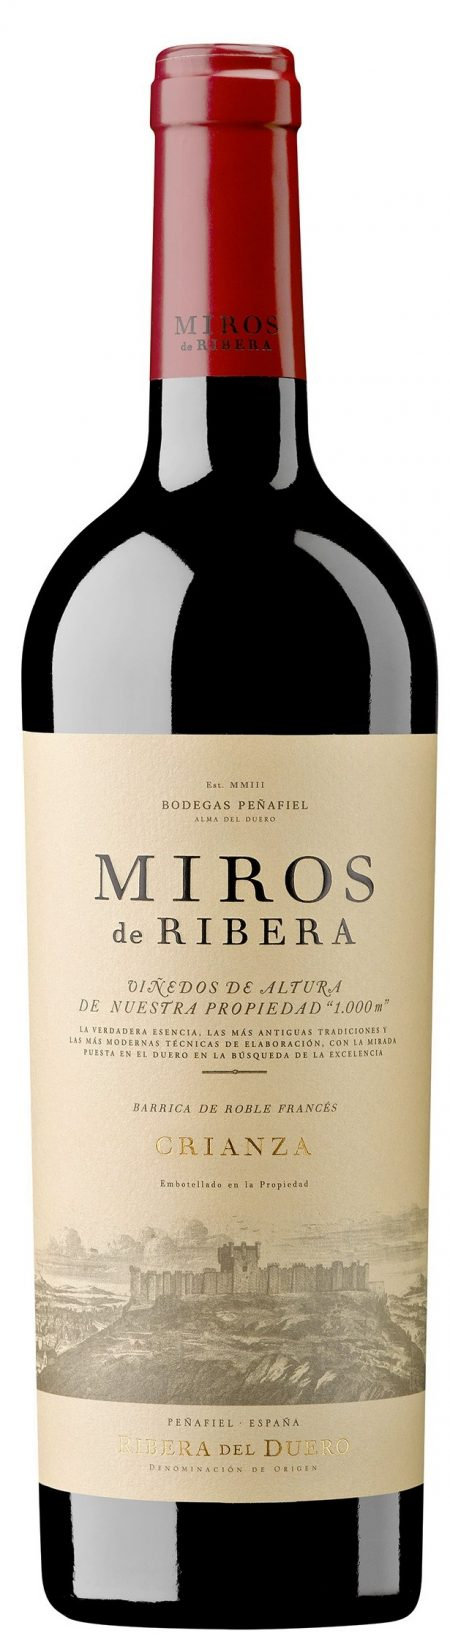 Bodegas Penafiel 'Miros de Ribera' Crianza 2013-0